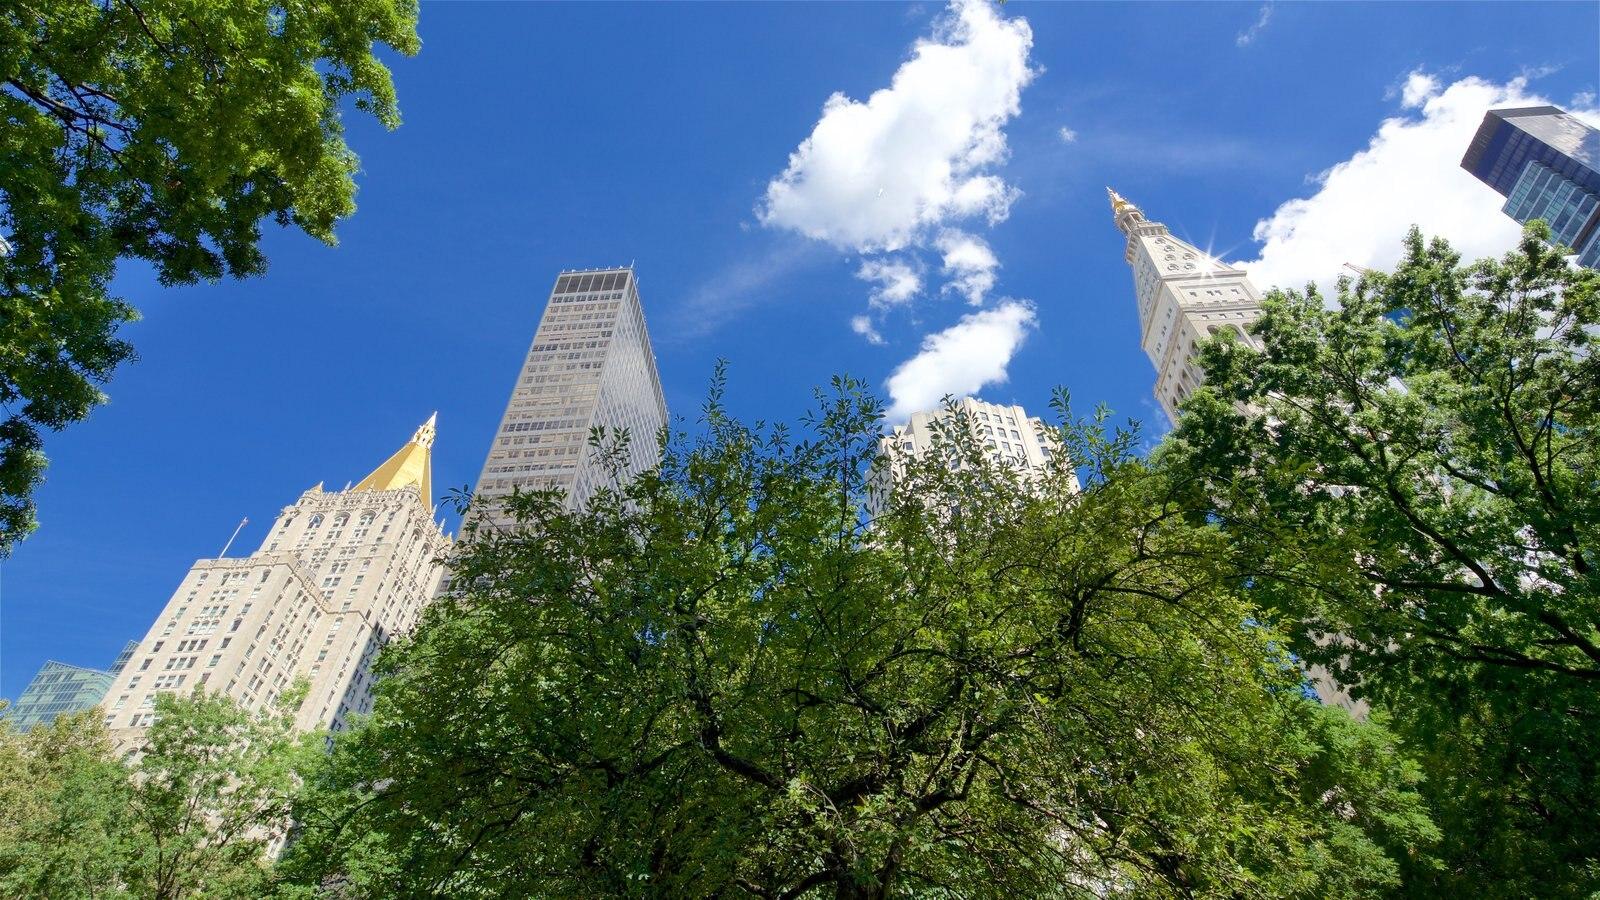 Madison Square Park mostrando um jardim e uma cidade